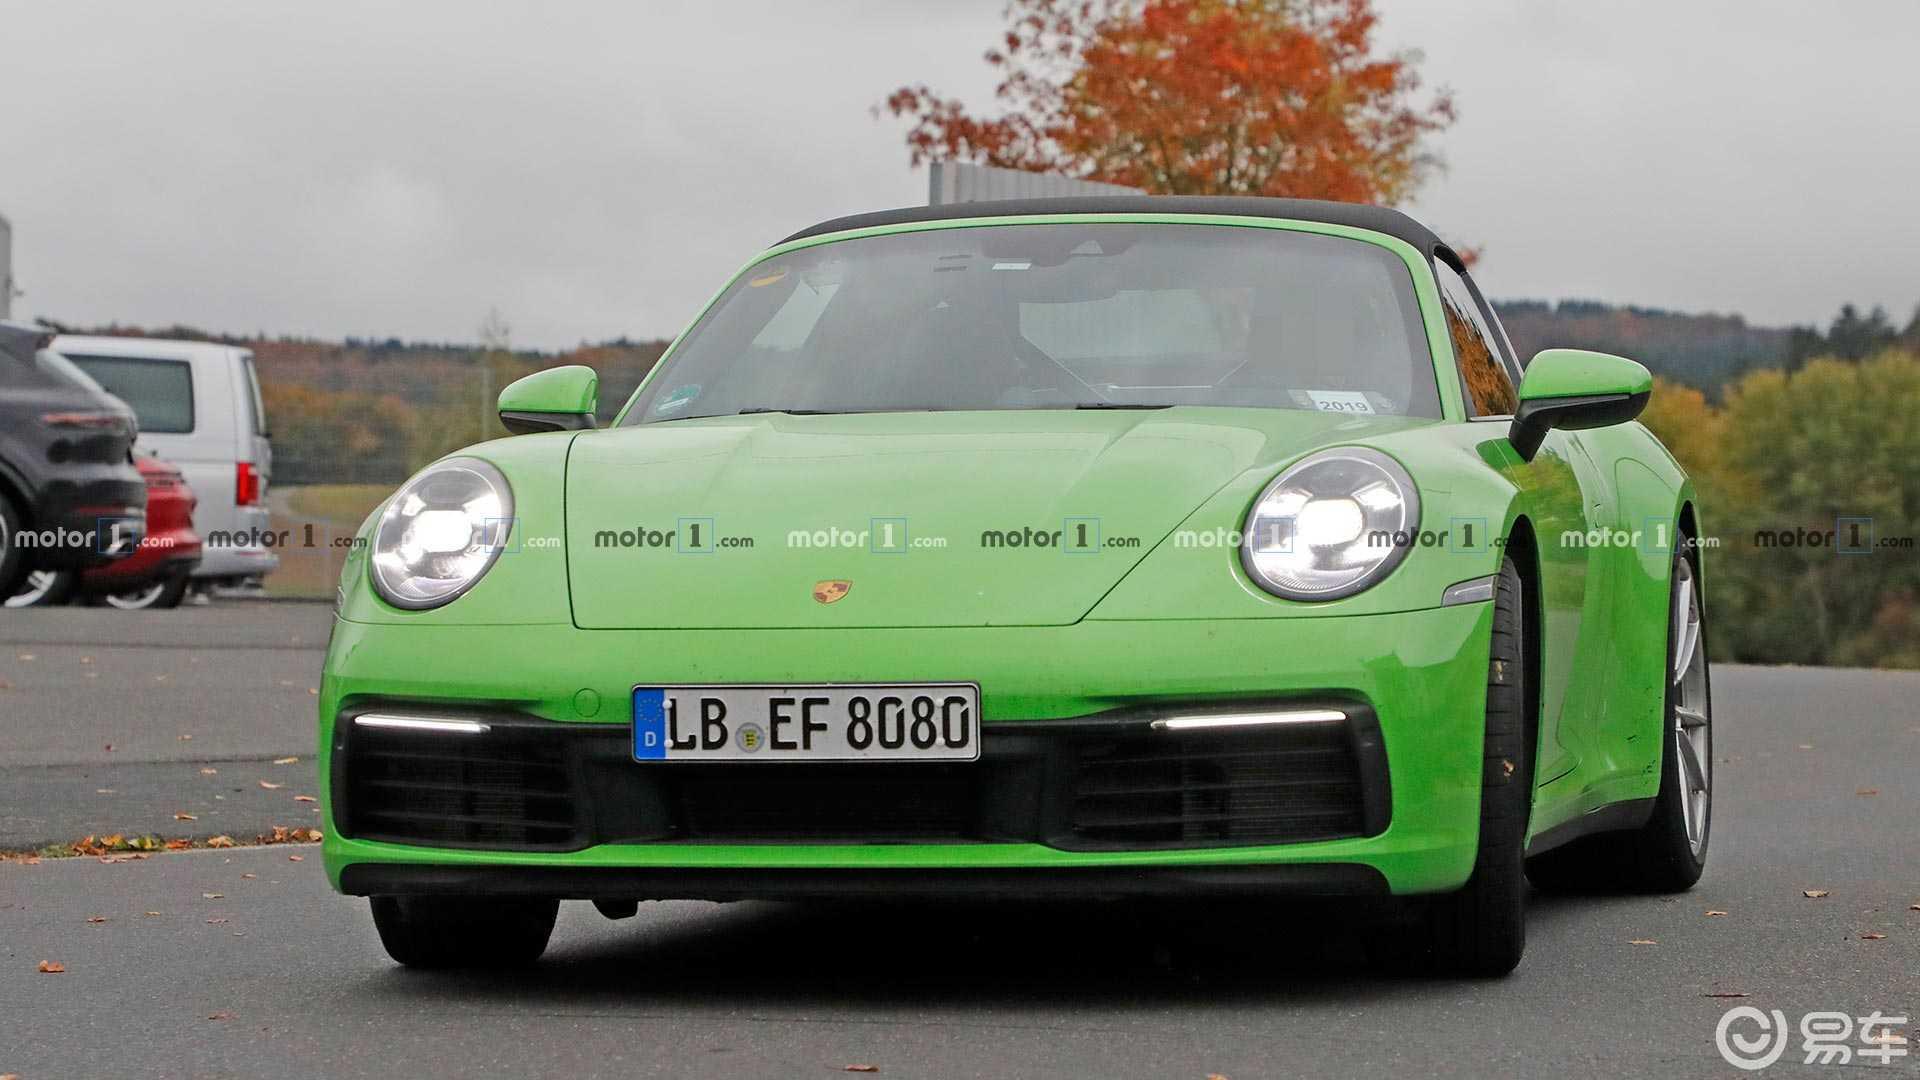 全新一代保时捷911 Targa曝光,搭双涡轮增压发动机